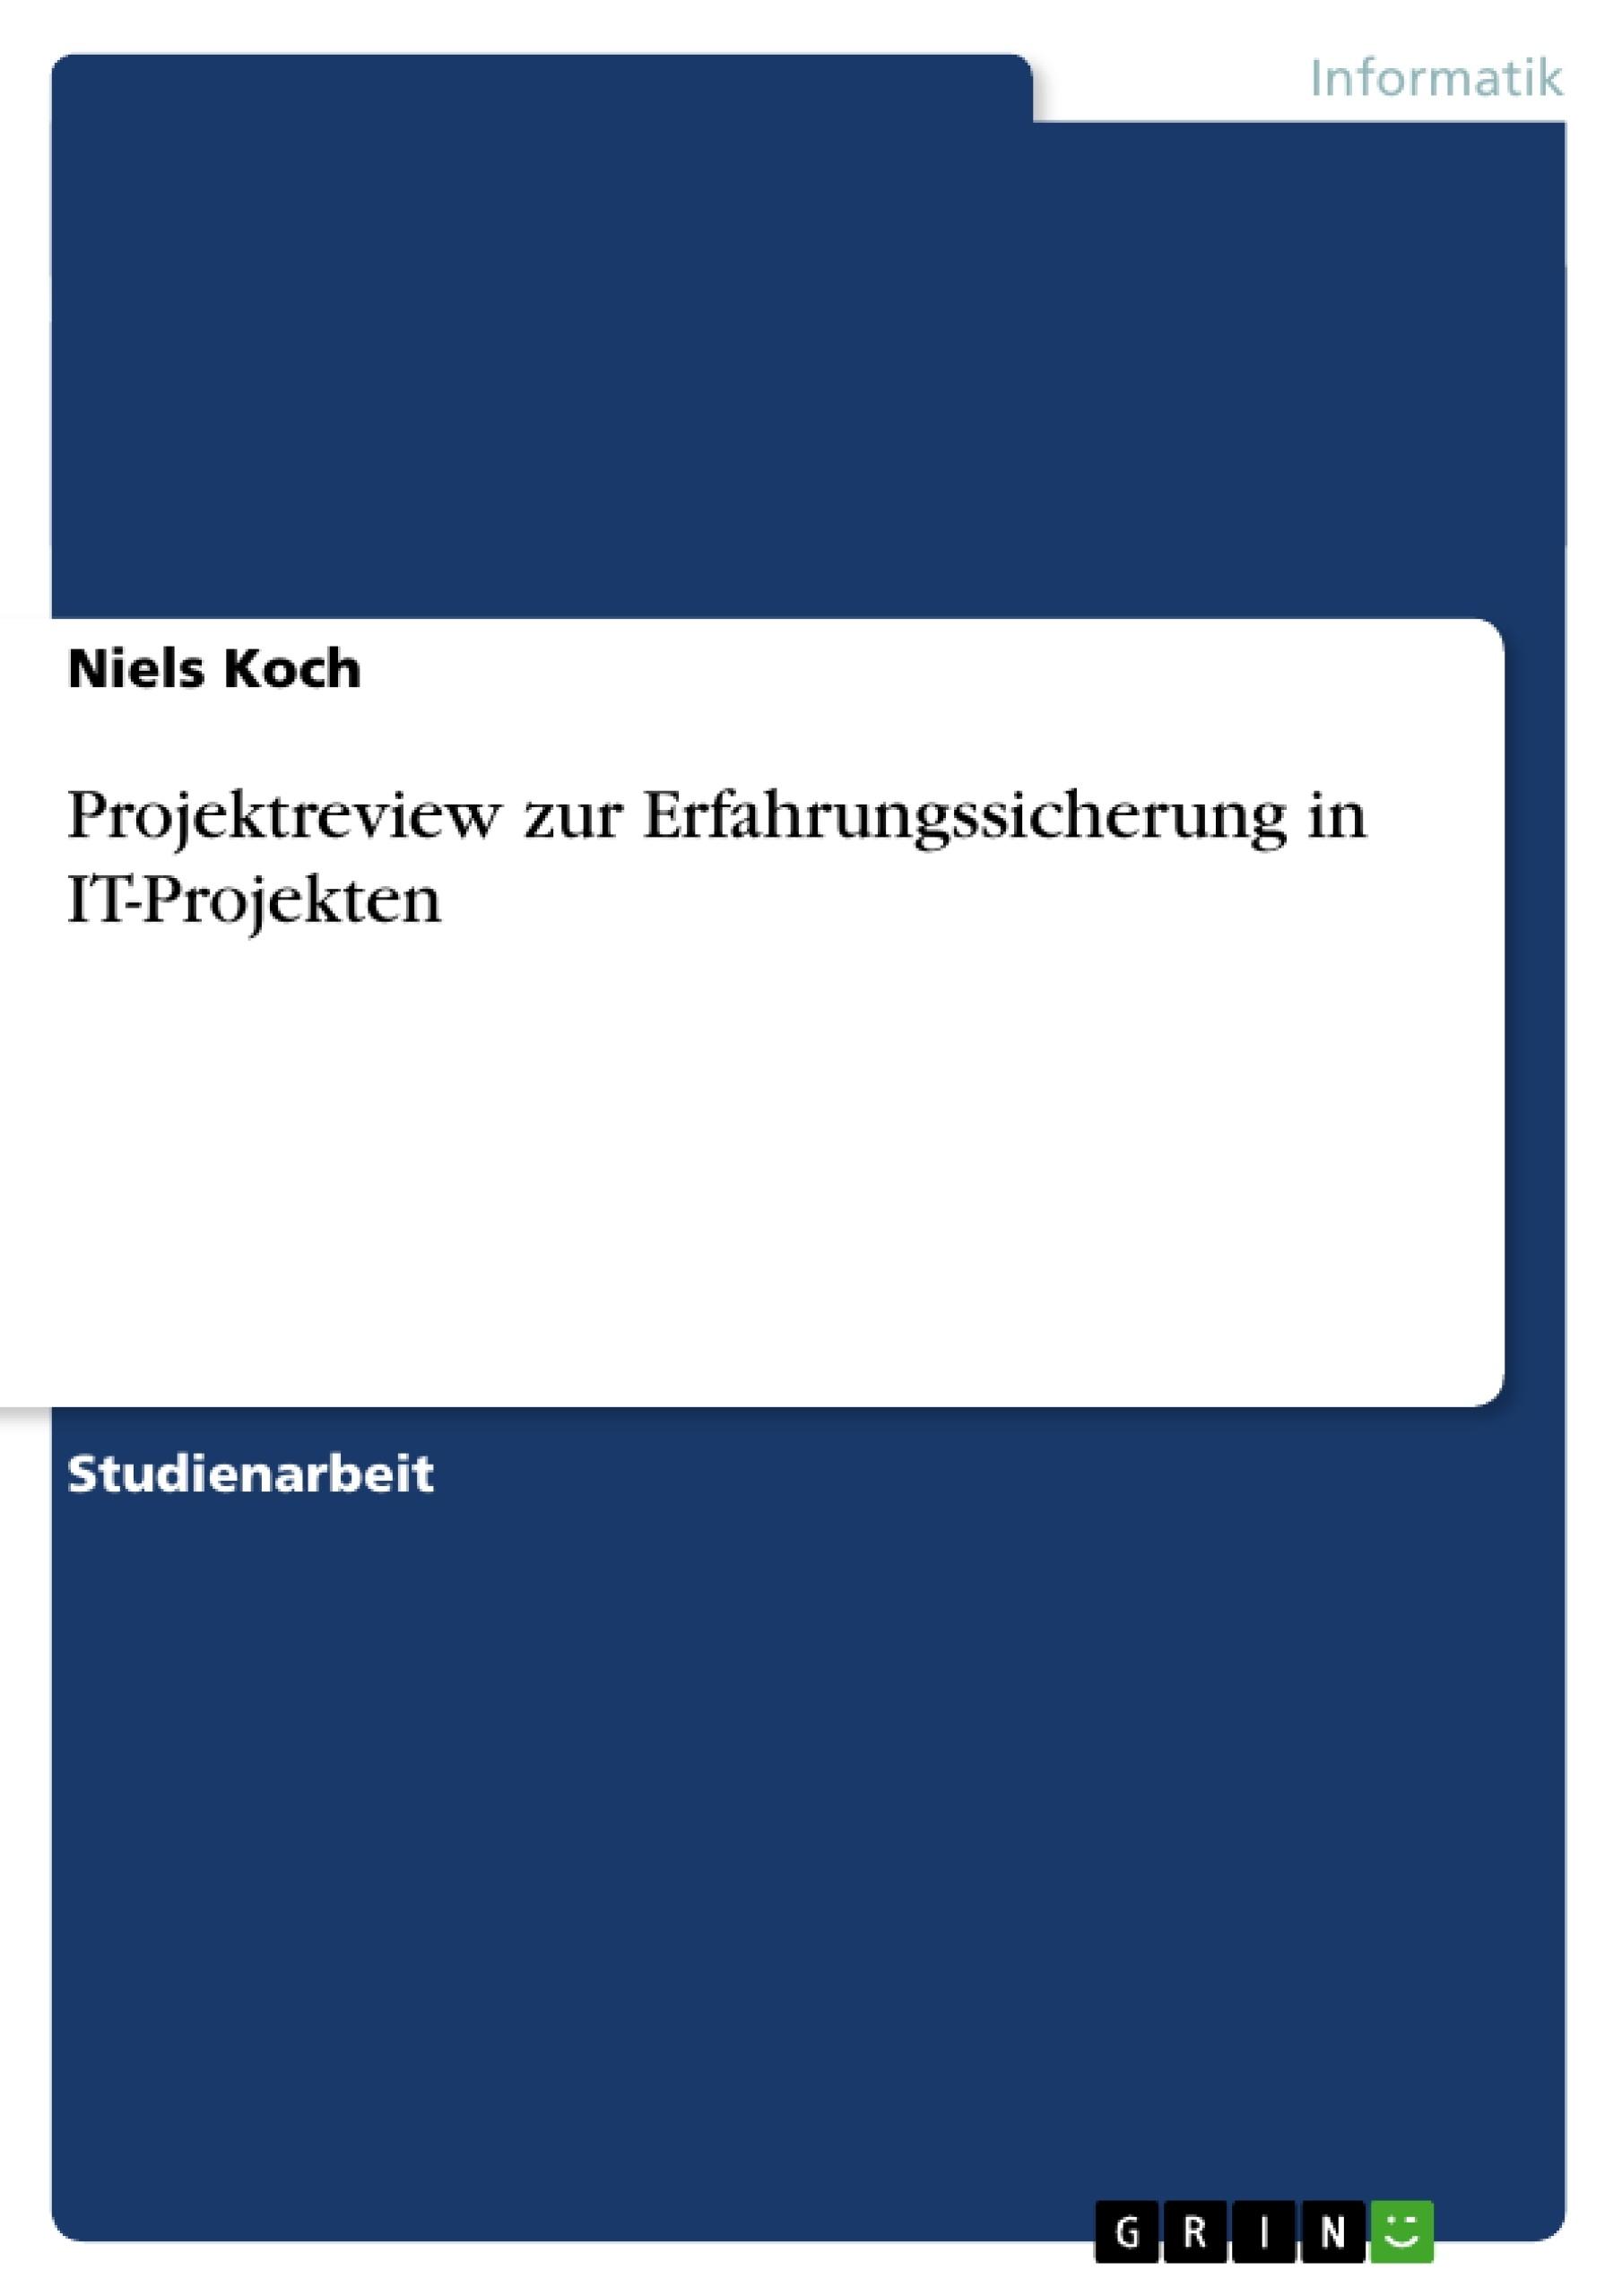 Titel: Projektreview zur Erfahrungssicherung in IT-Projekten